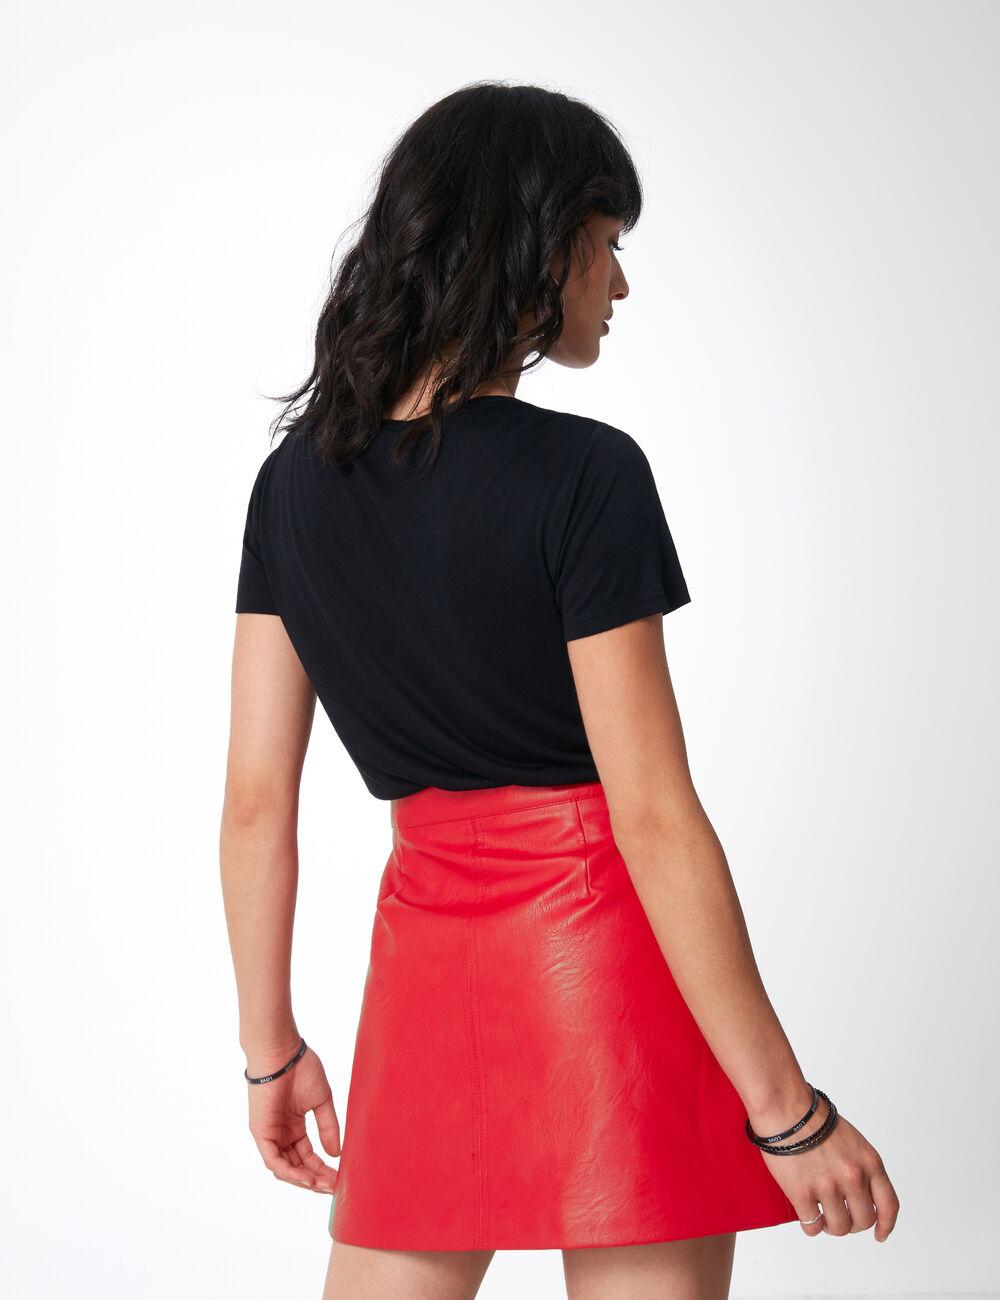 simili jupe jupe jupe simili boutonnée boutonnée rouge rouge simili boutonnée rouge 54gAPw